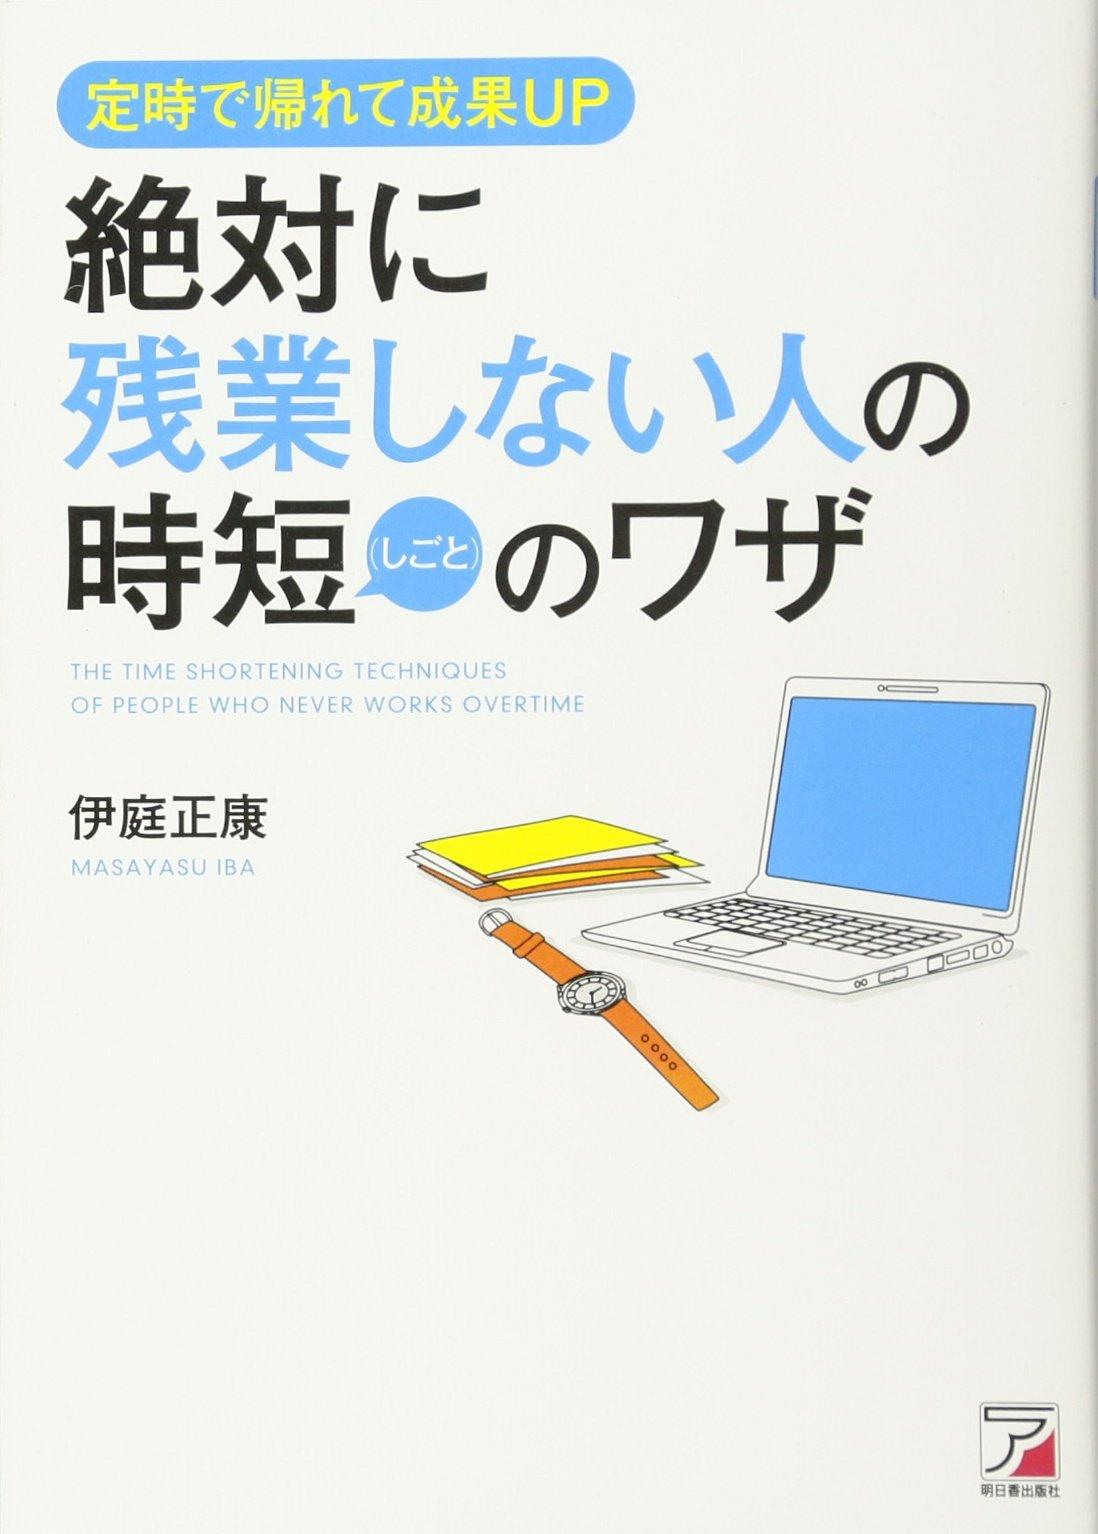 Zettai ni zangyo shinai hito no shigoto no waza : Teiji de kaerete seika appu. PDF